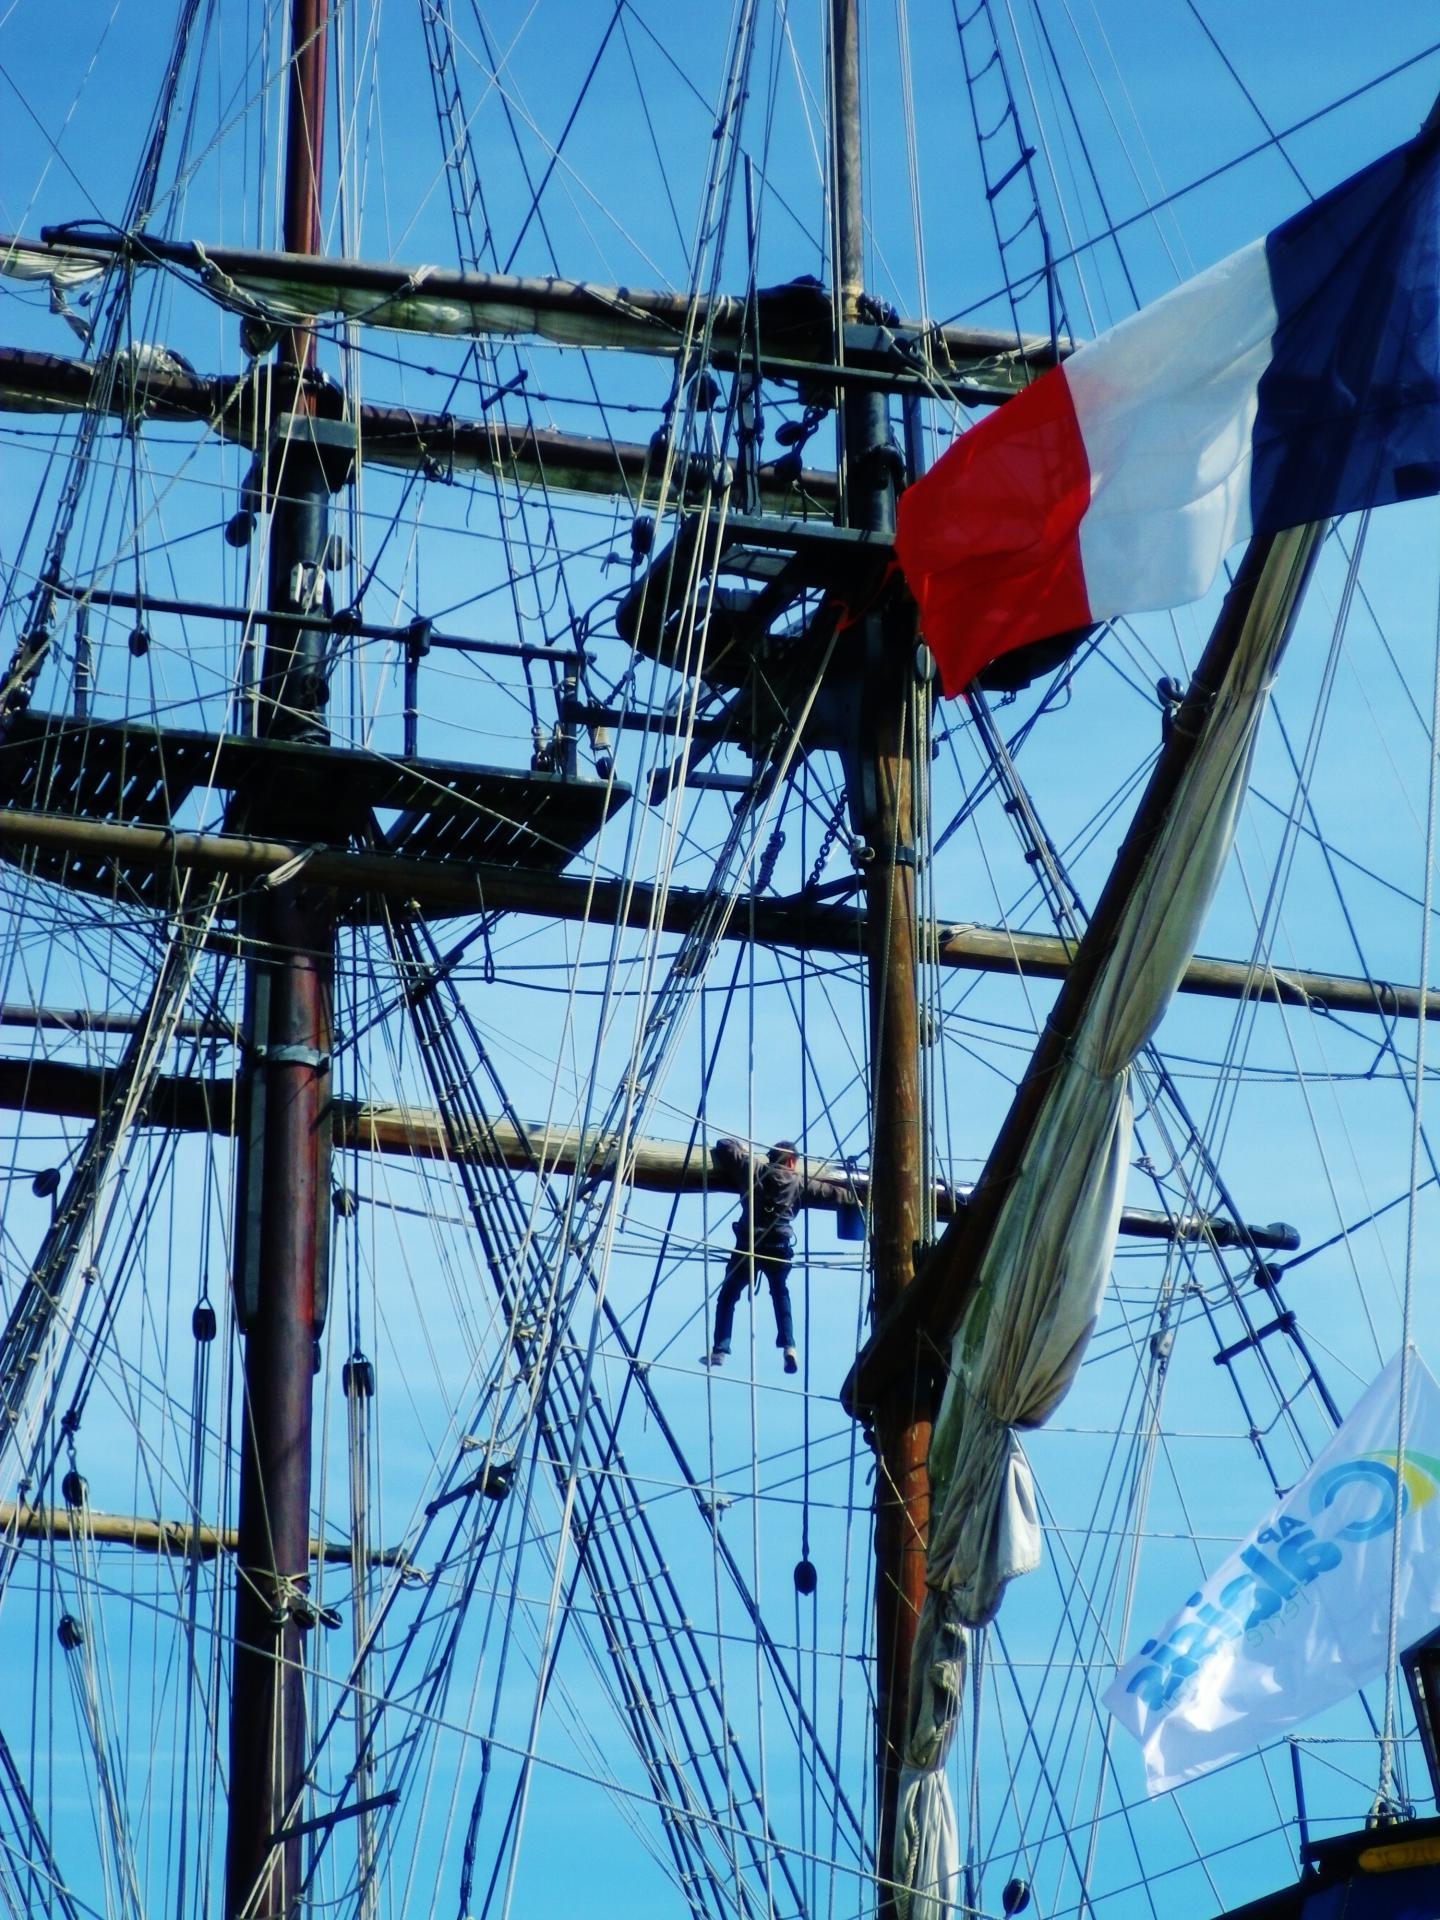 Fete maritime calais travaux dans la mature